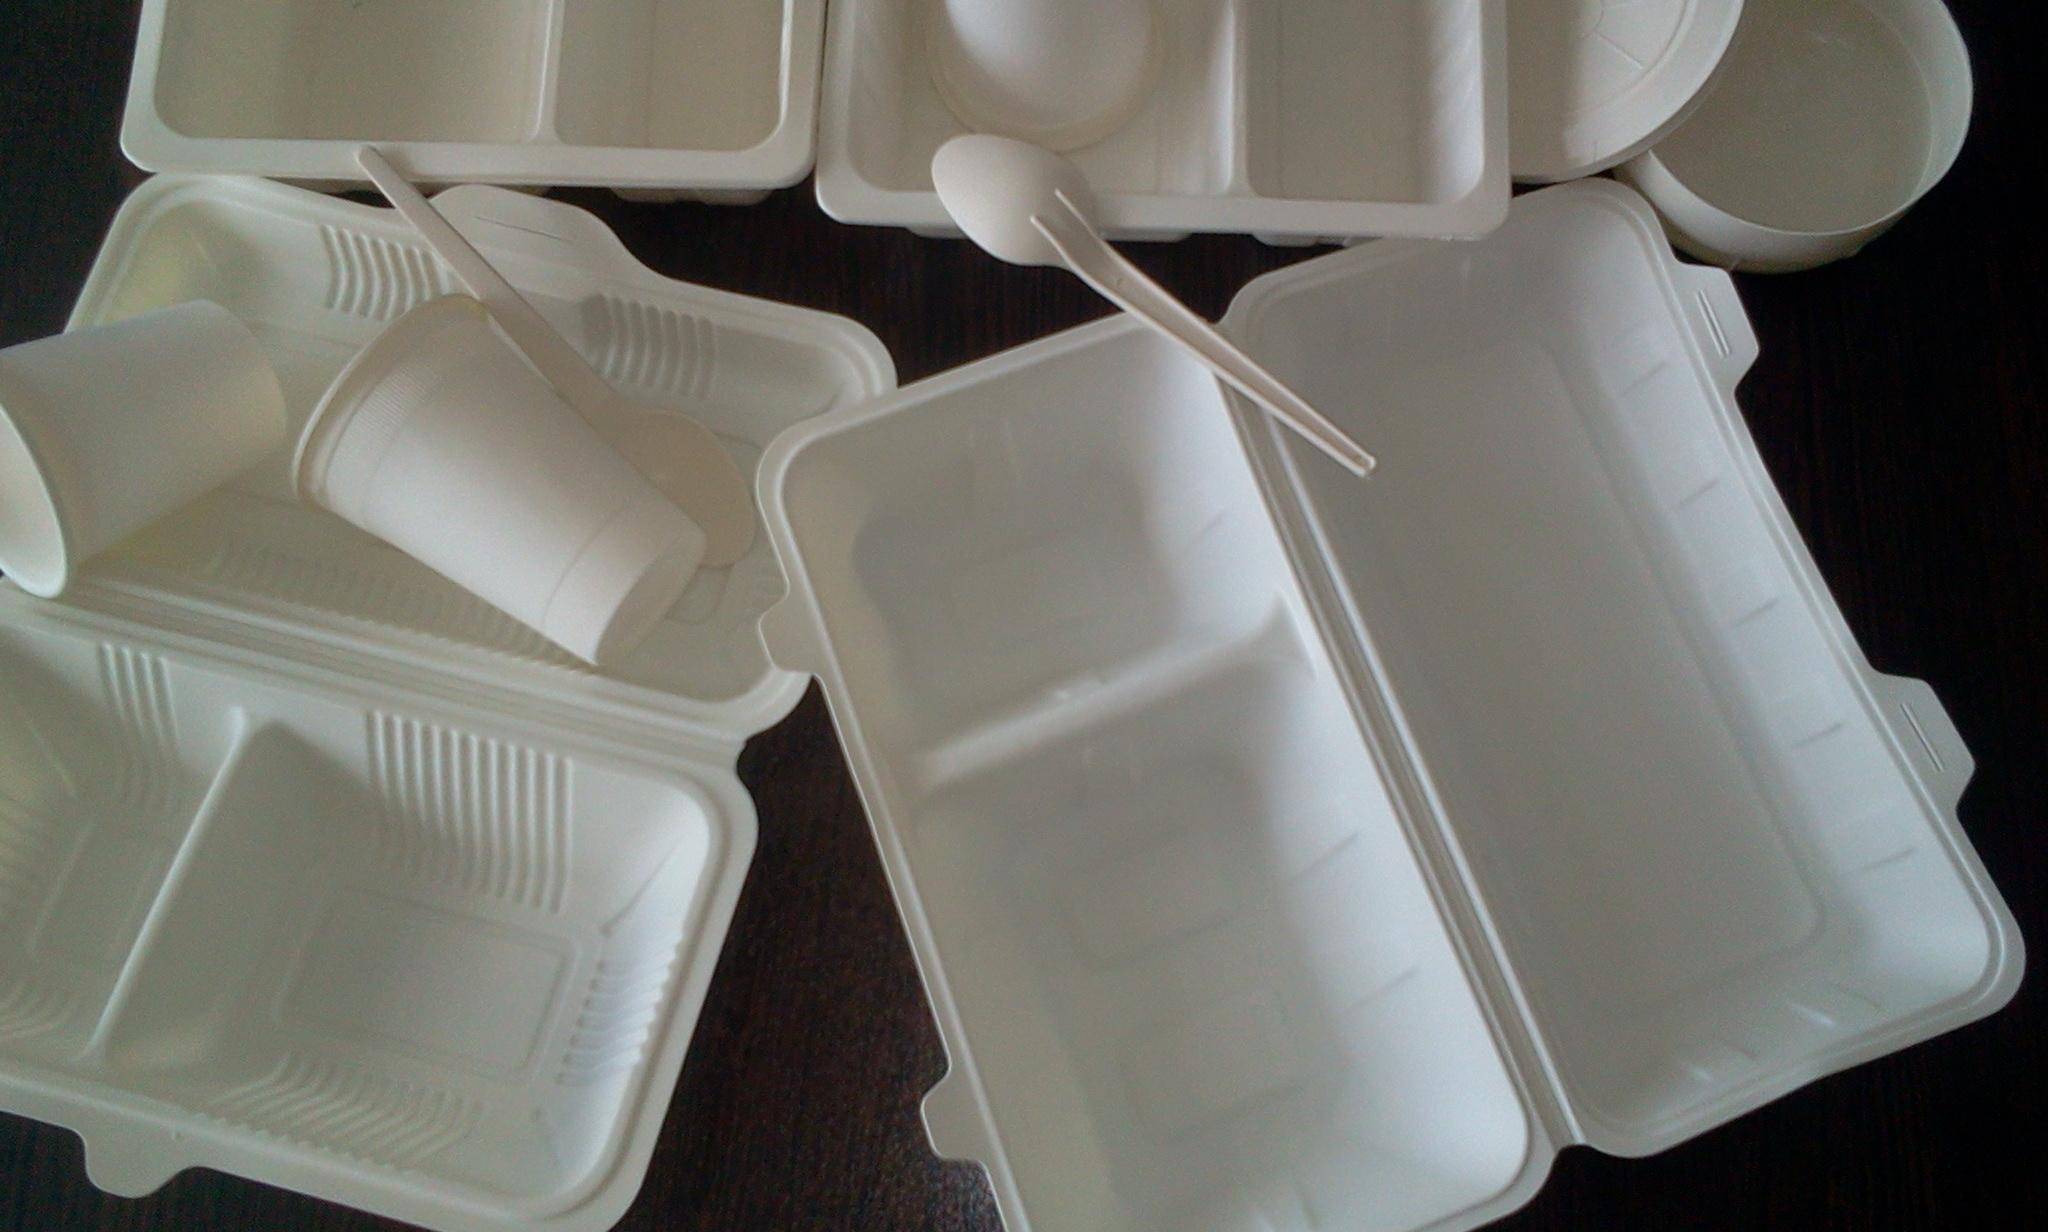 فروش اینترنتی ظروف یکبار مصرف گیاهی